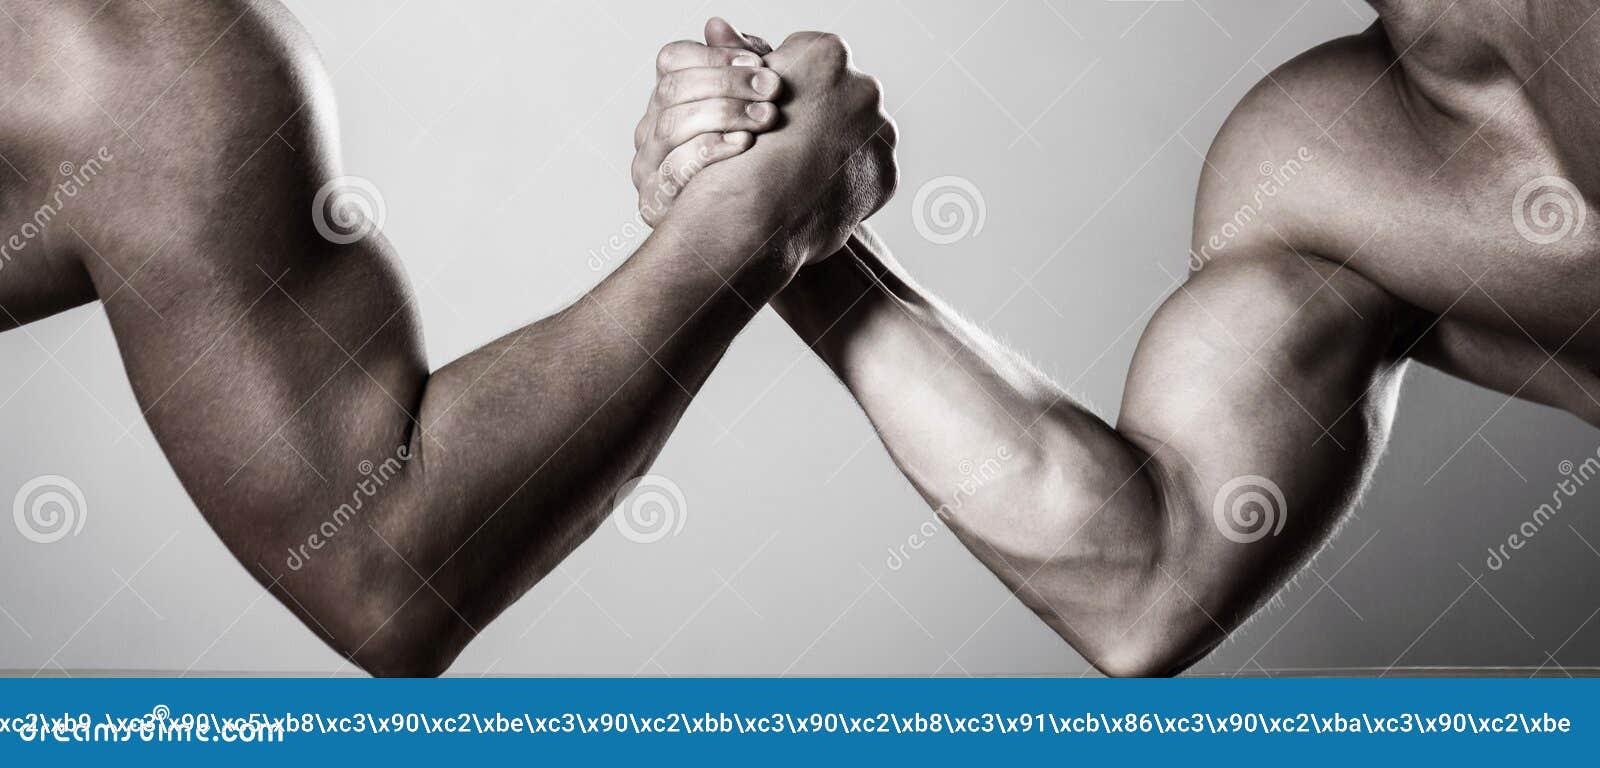 Człowiek przeciwko ręce tła dwa białe zapasy Rywalizacja, zbliżenie męski ręki zapaśnictwo dwie ręce Mężczyźni mierzy siły, ręki